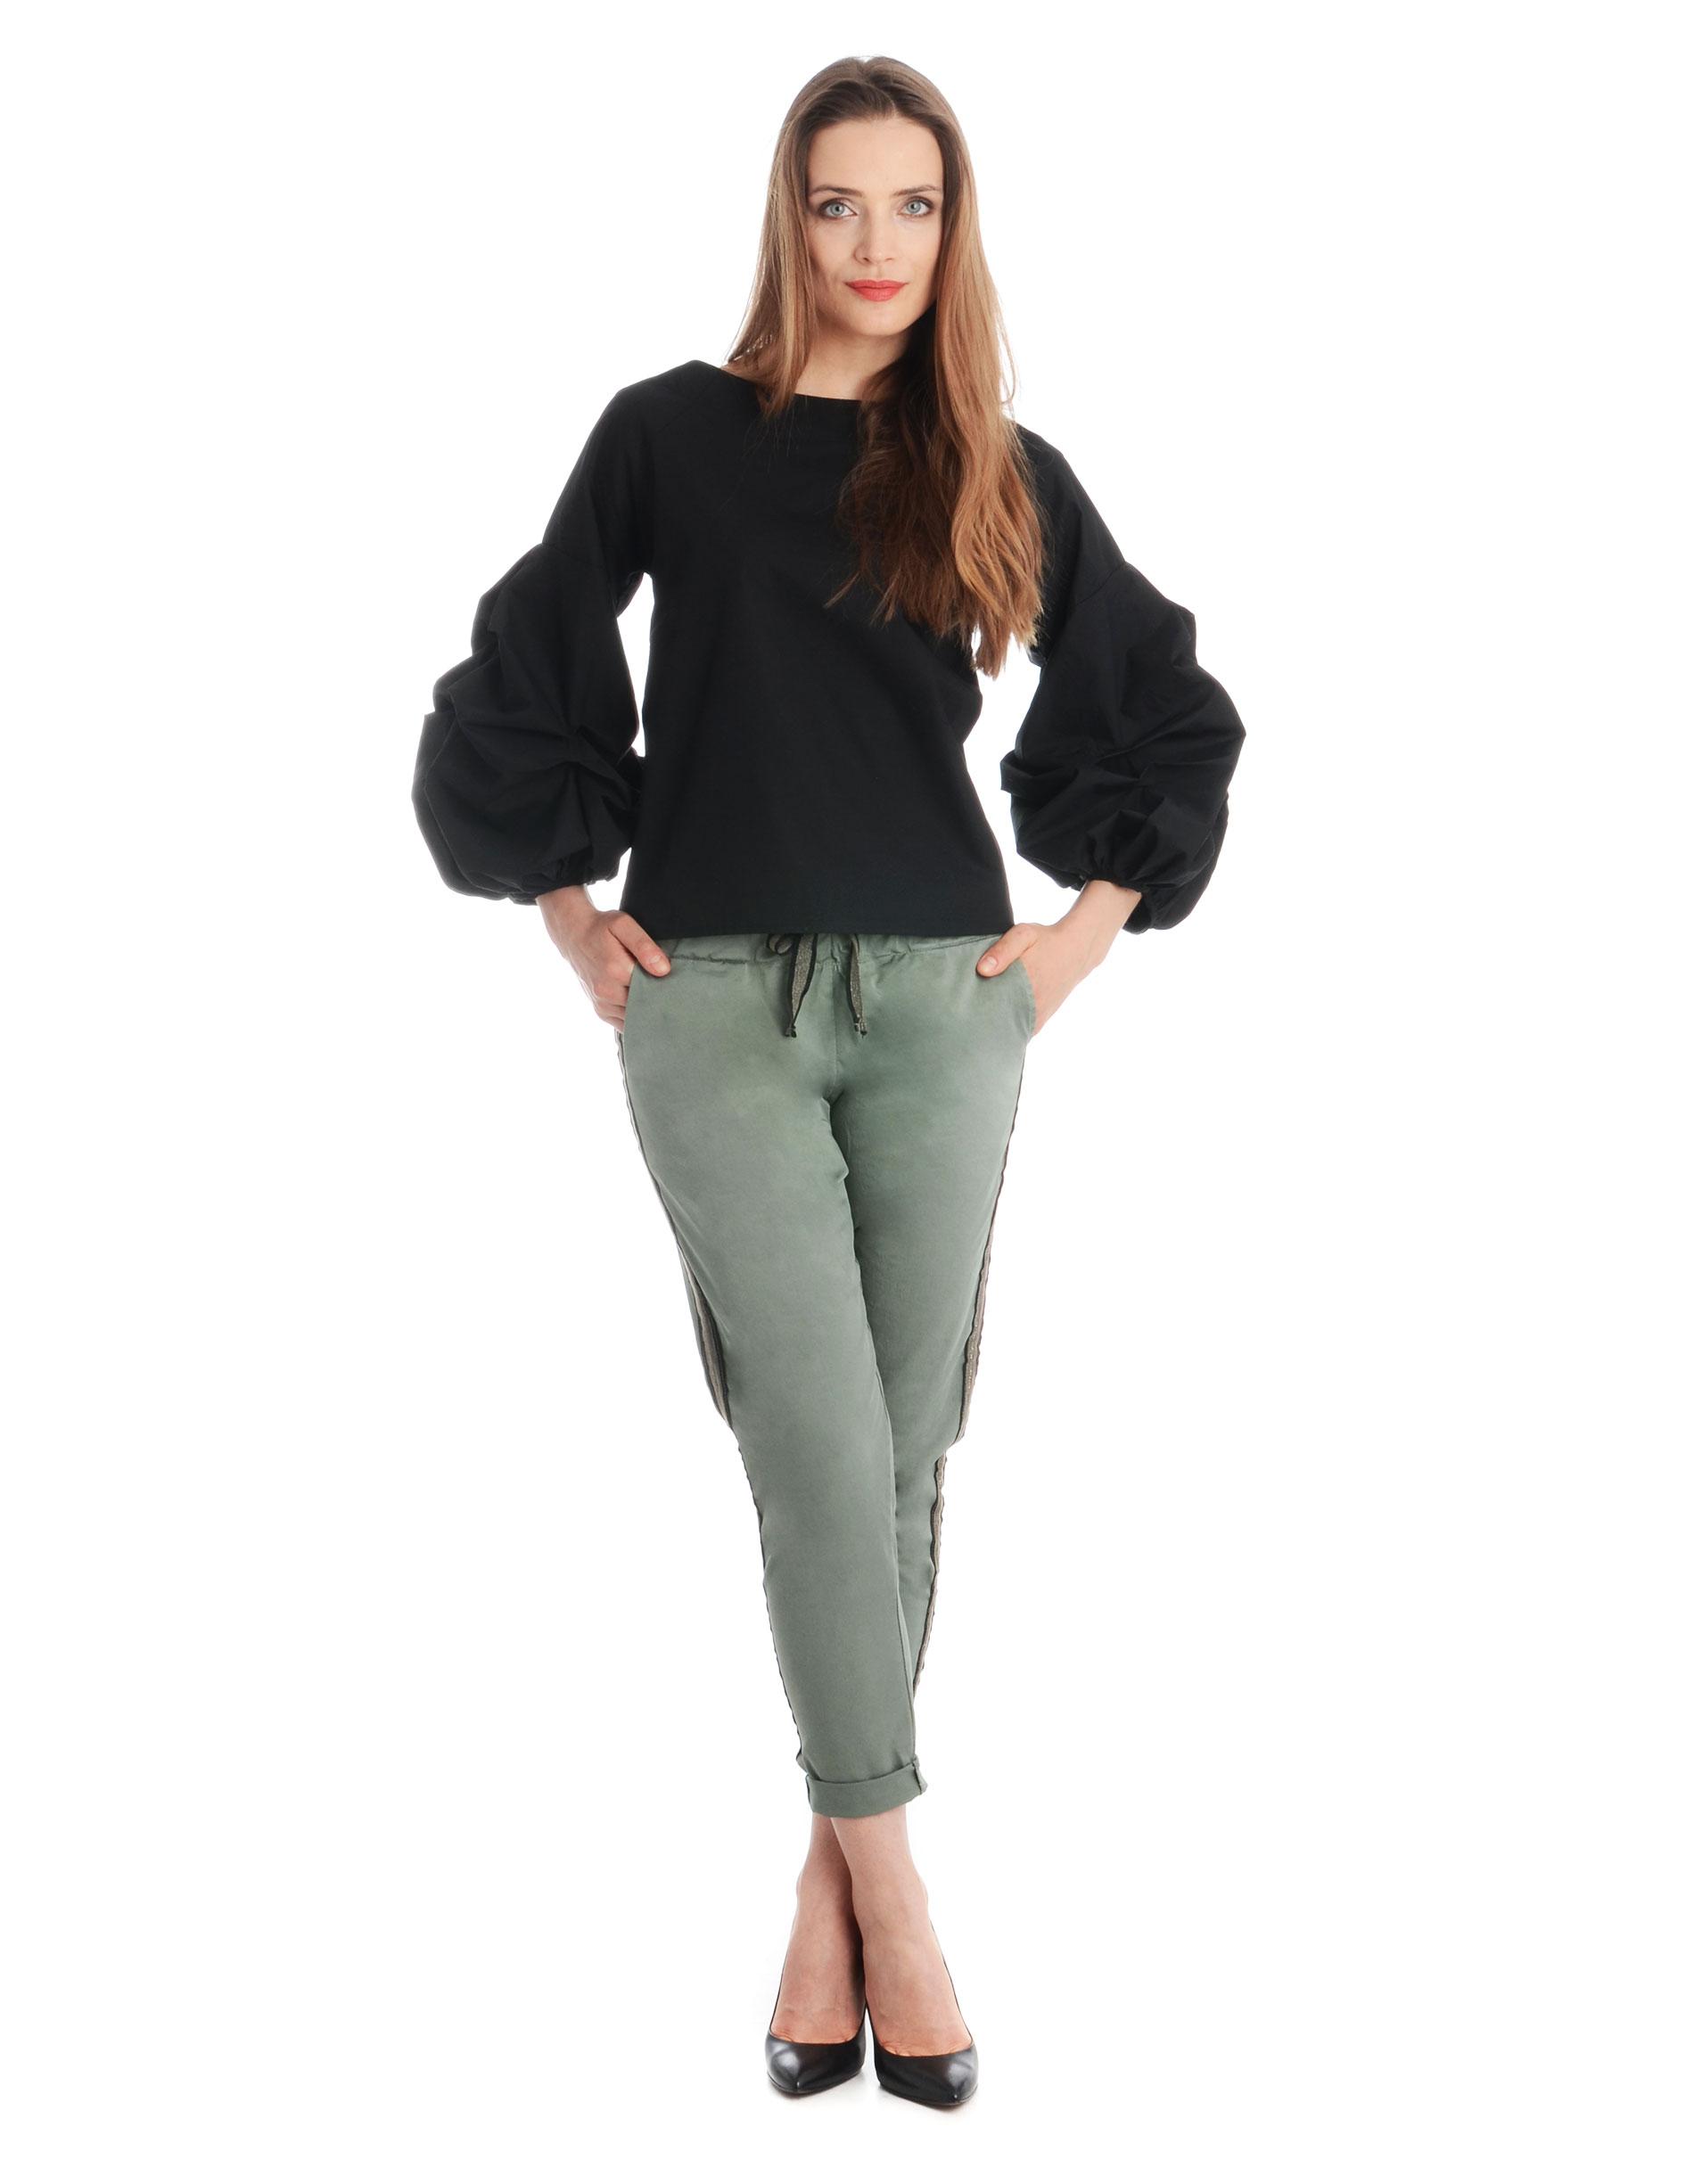 Spodnie - 146-168157B M - Unisono